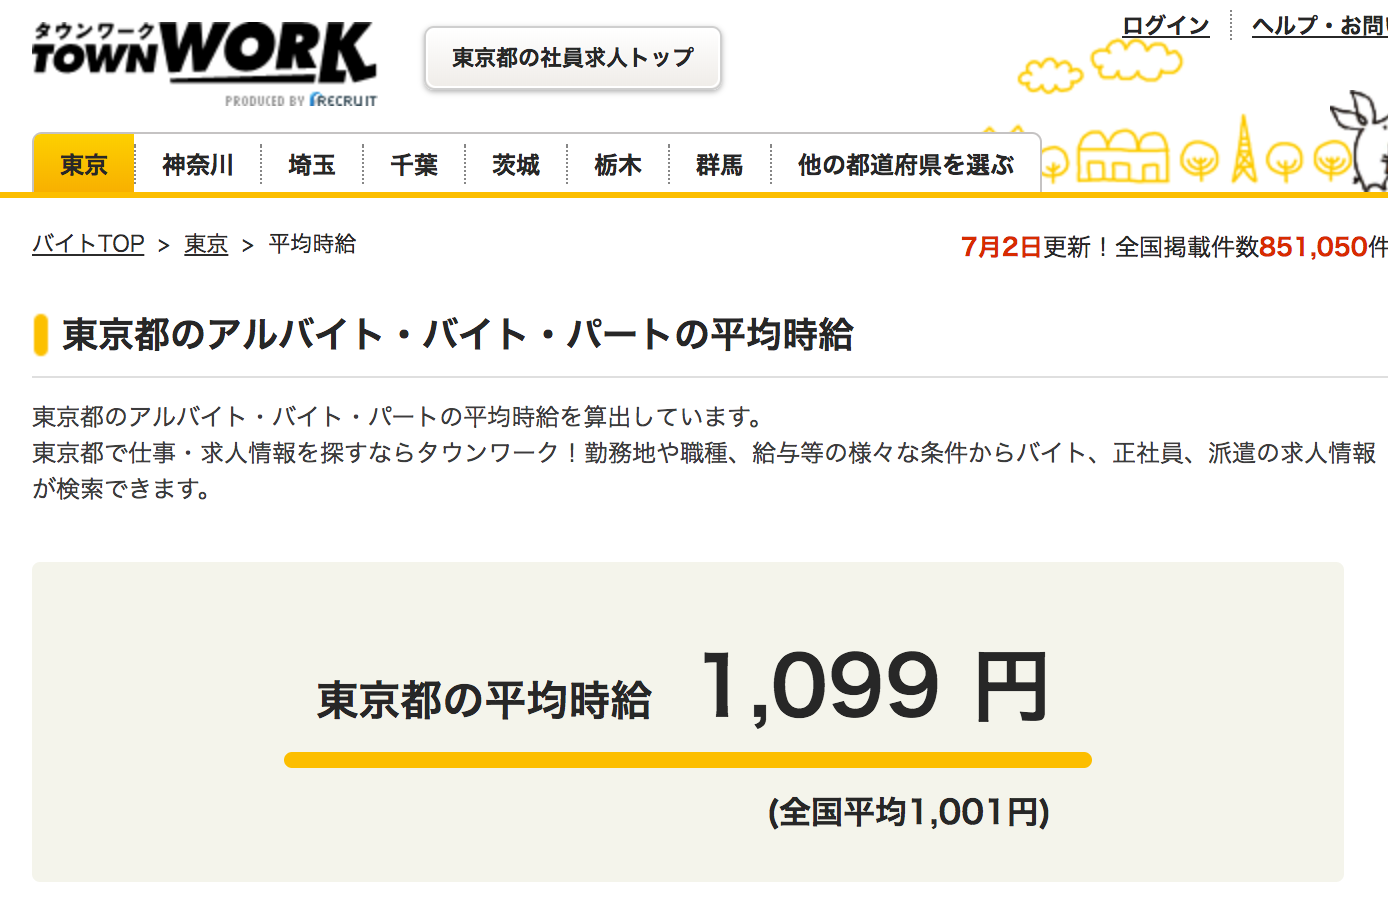 東京都の平均時給 1099円 |タウンワーク